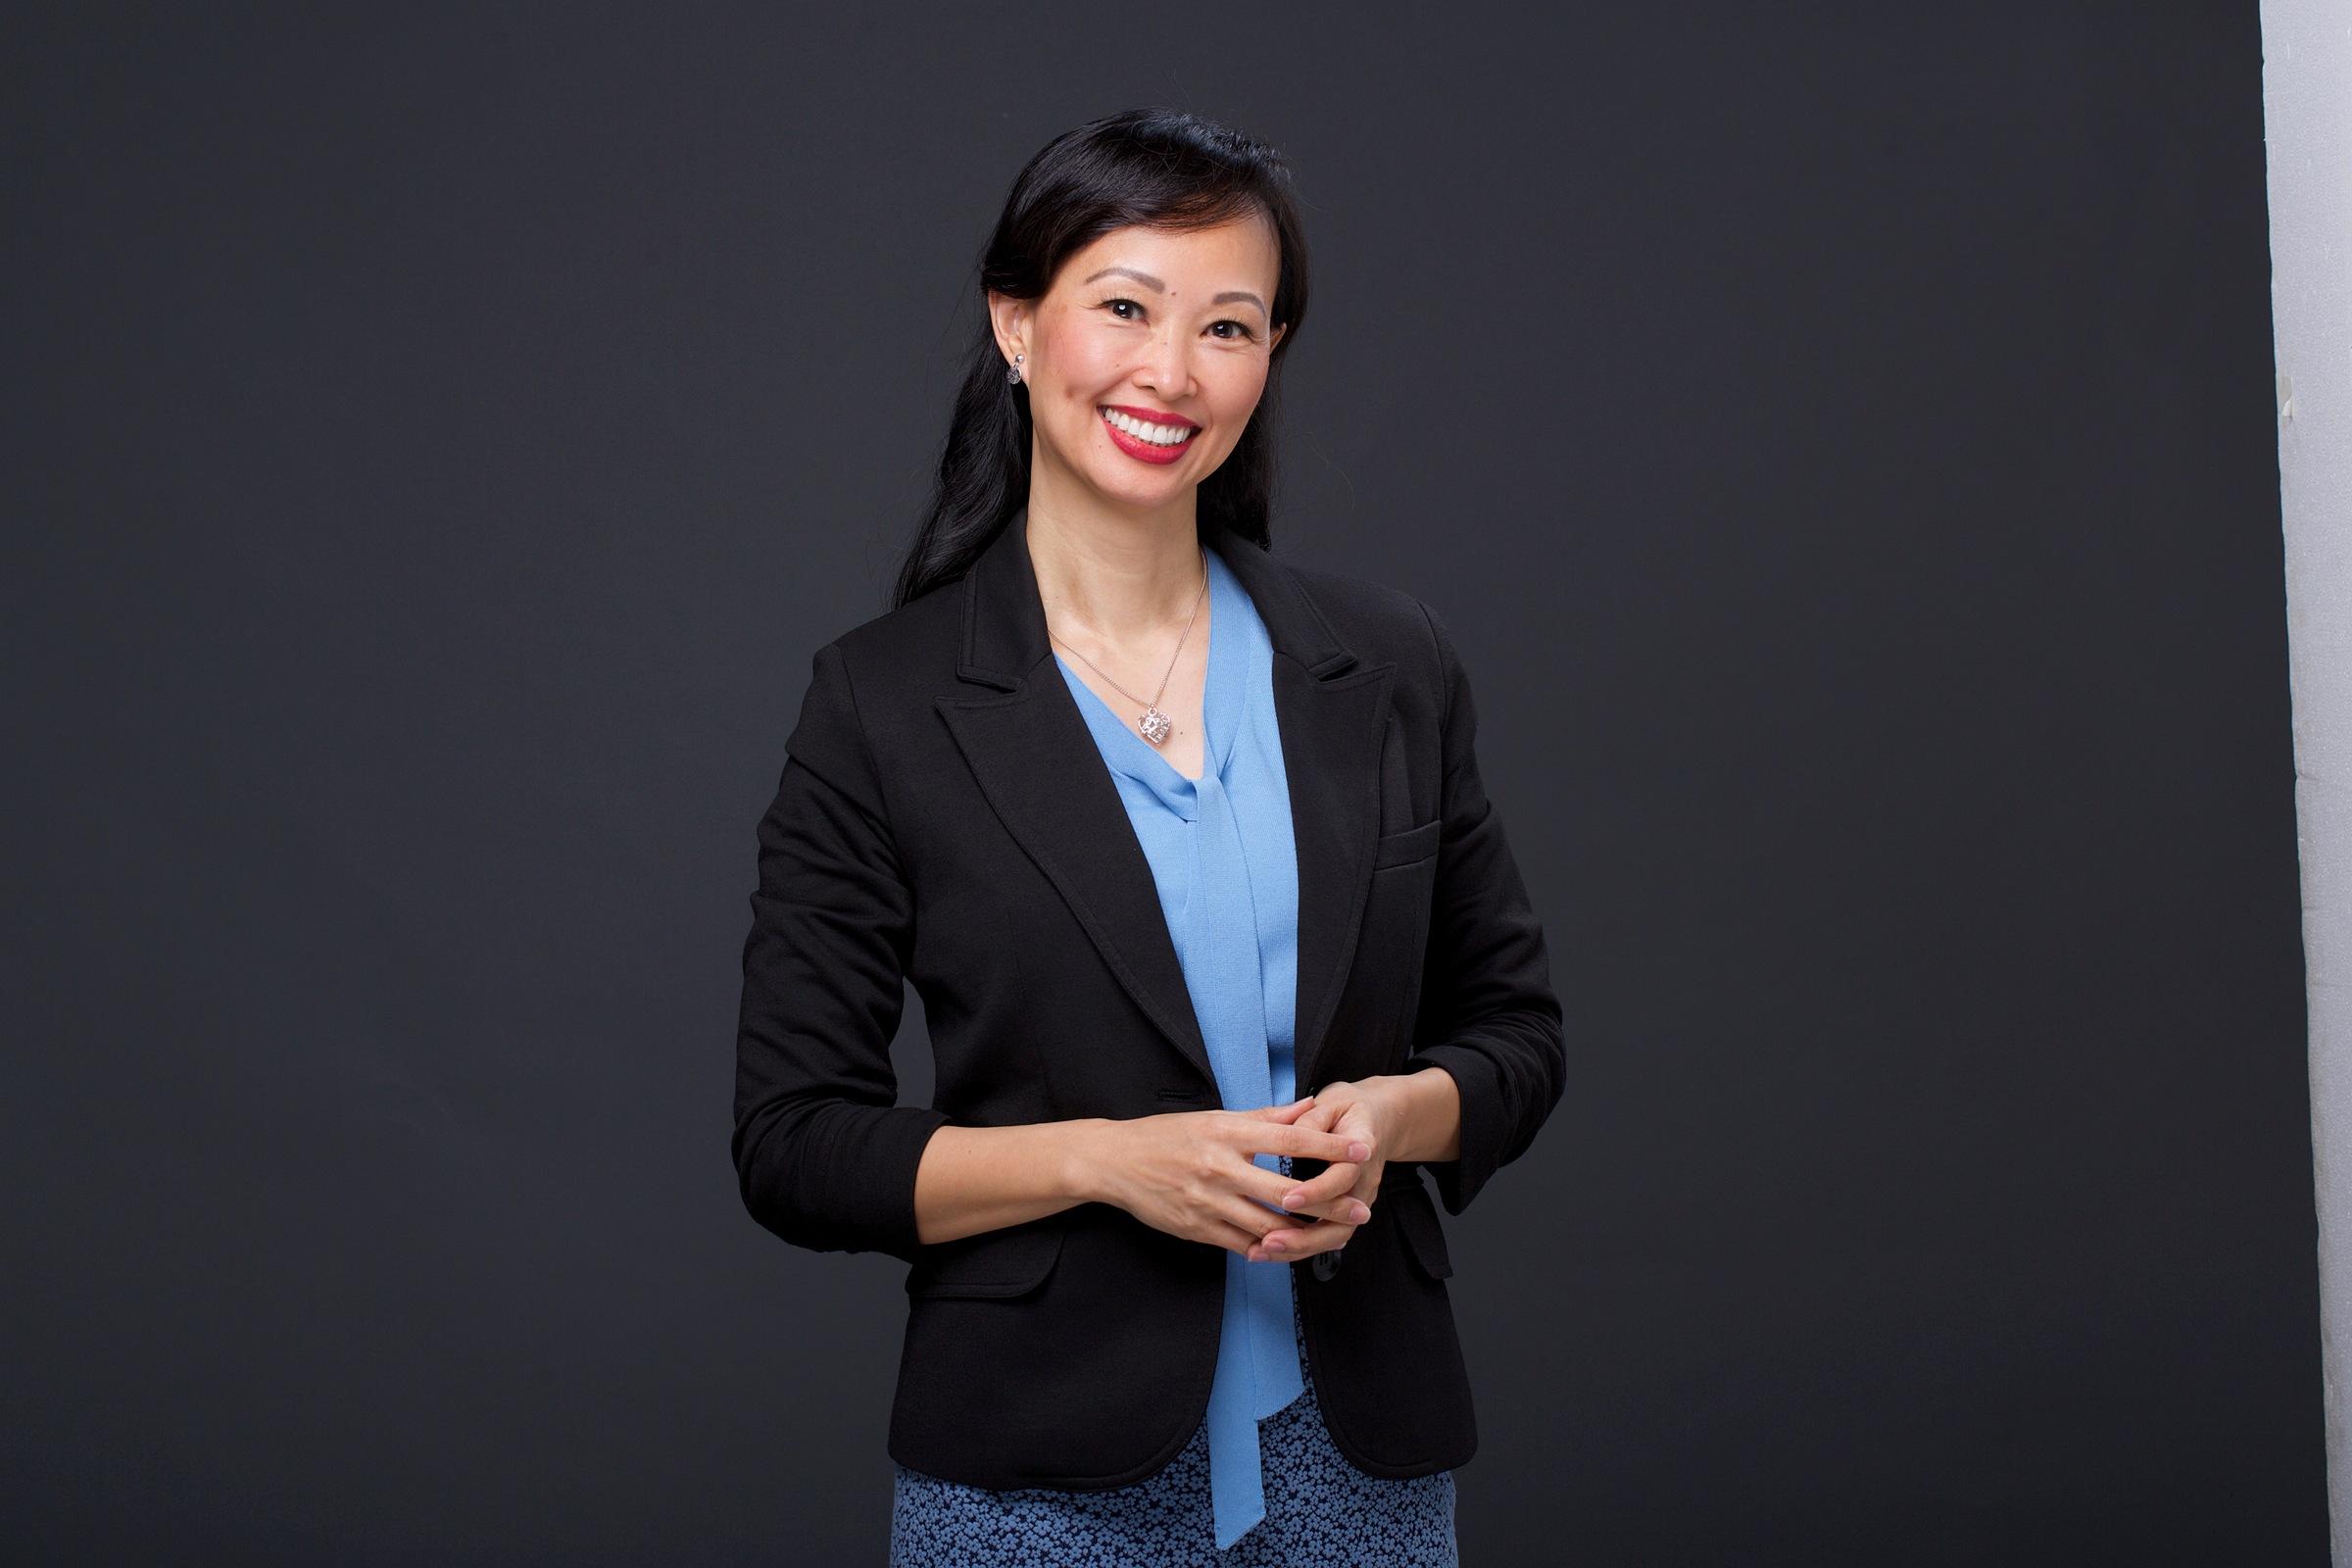 Bà Thái Vân Linh, CEO TVL Group, Cố vấn cấp cao Openspace Ventures. Ảnh: NVCC.